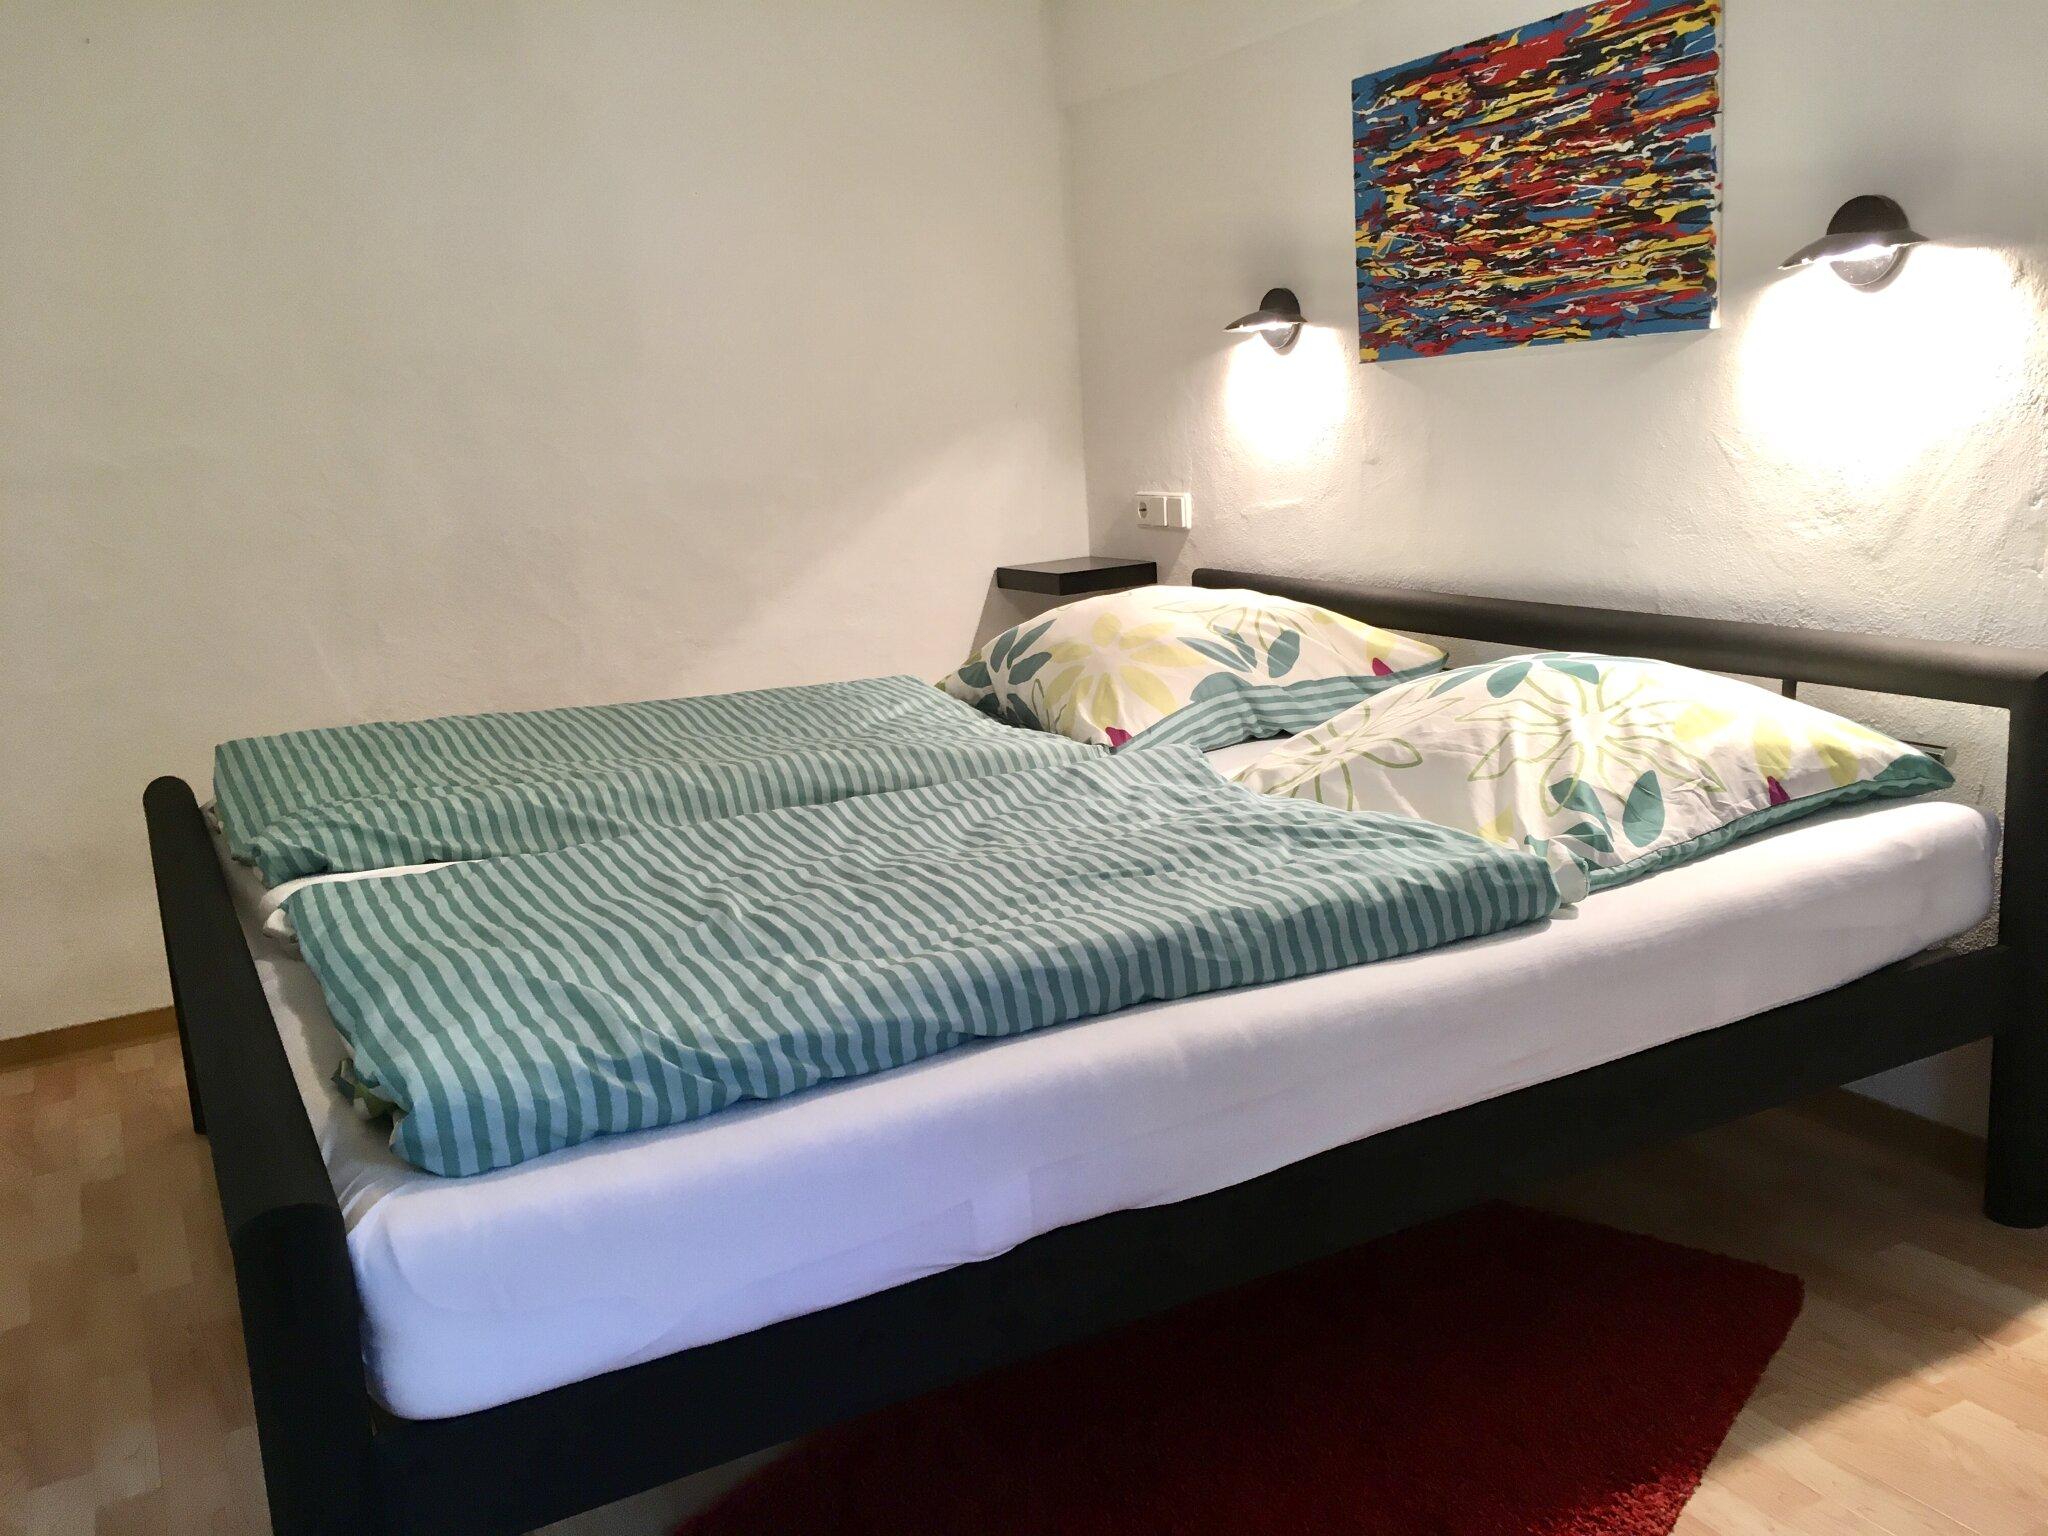 Schlafzimmer mit 2 Meter langen Betten